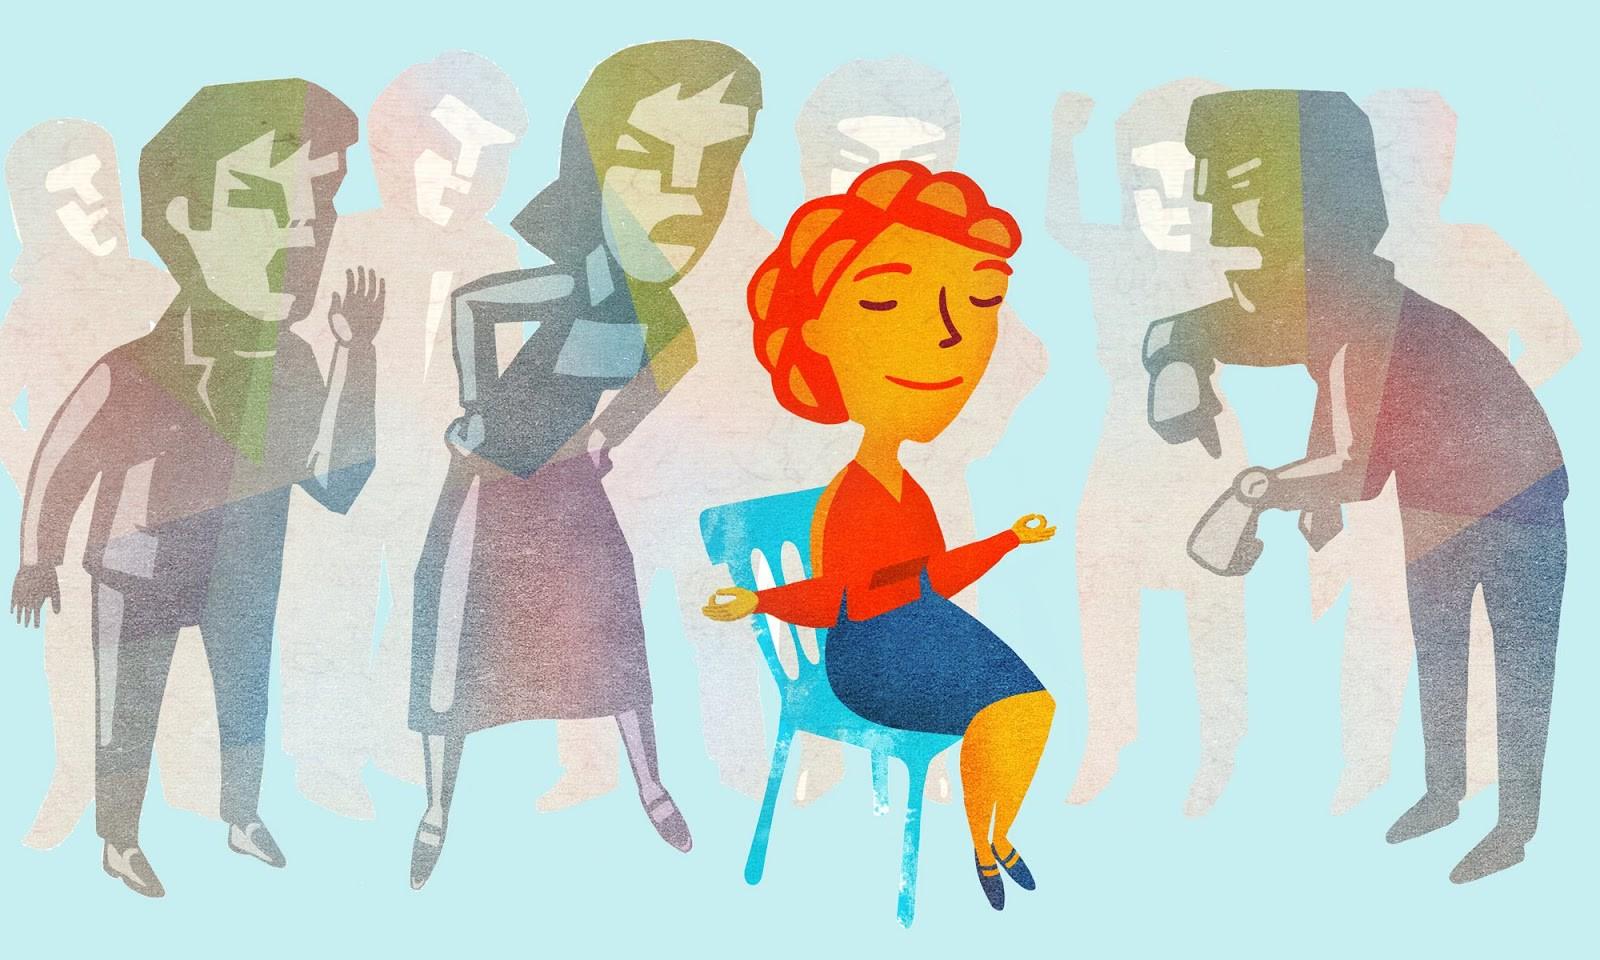 15 nguyên tắc đúc kết bởi chuyên gia, chị em mau áp dụng nếu đang gặp vấn đề với những mối quan hệ nơi công sở - Ảnh 4.